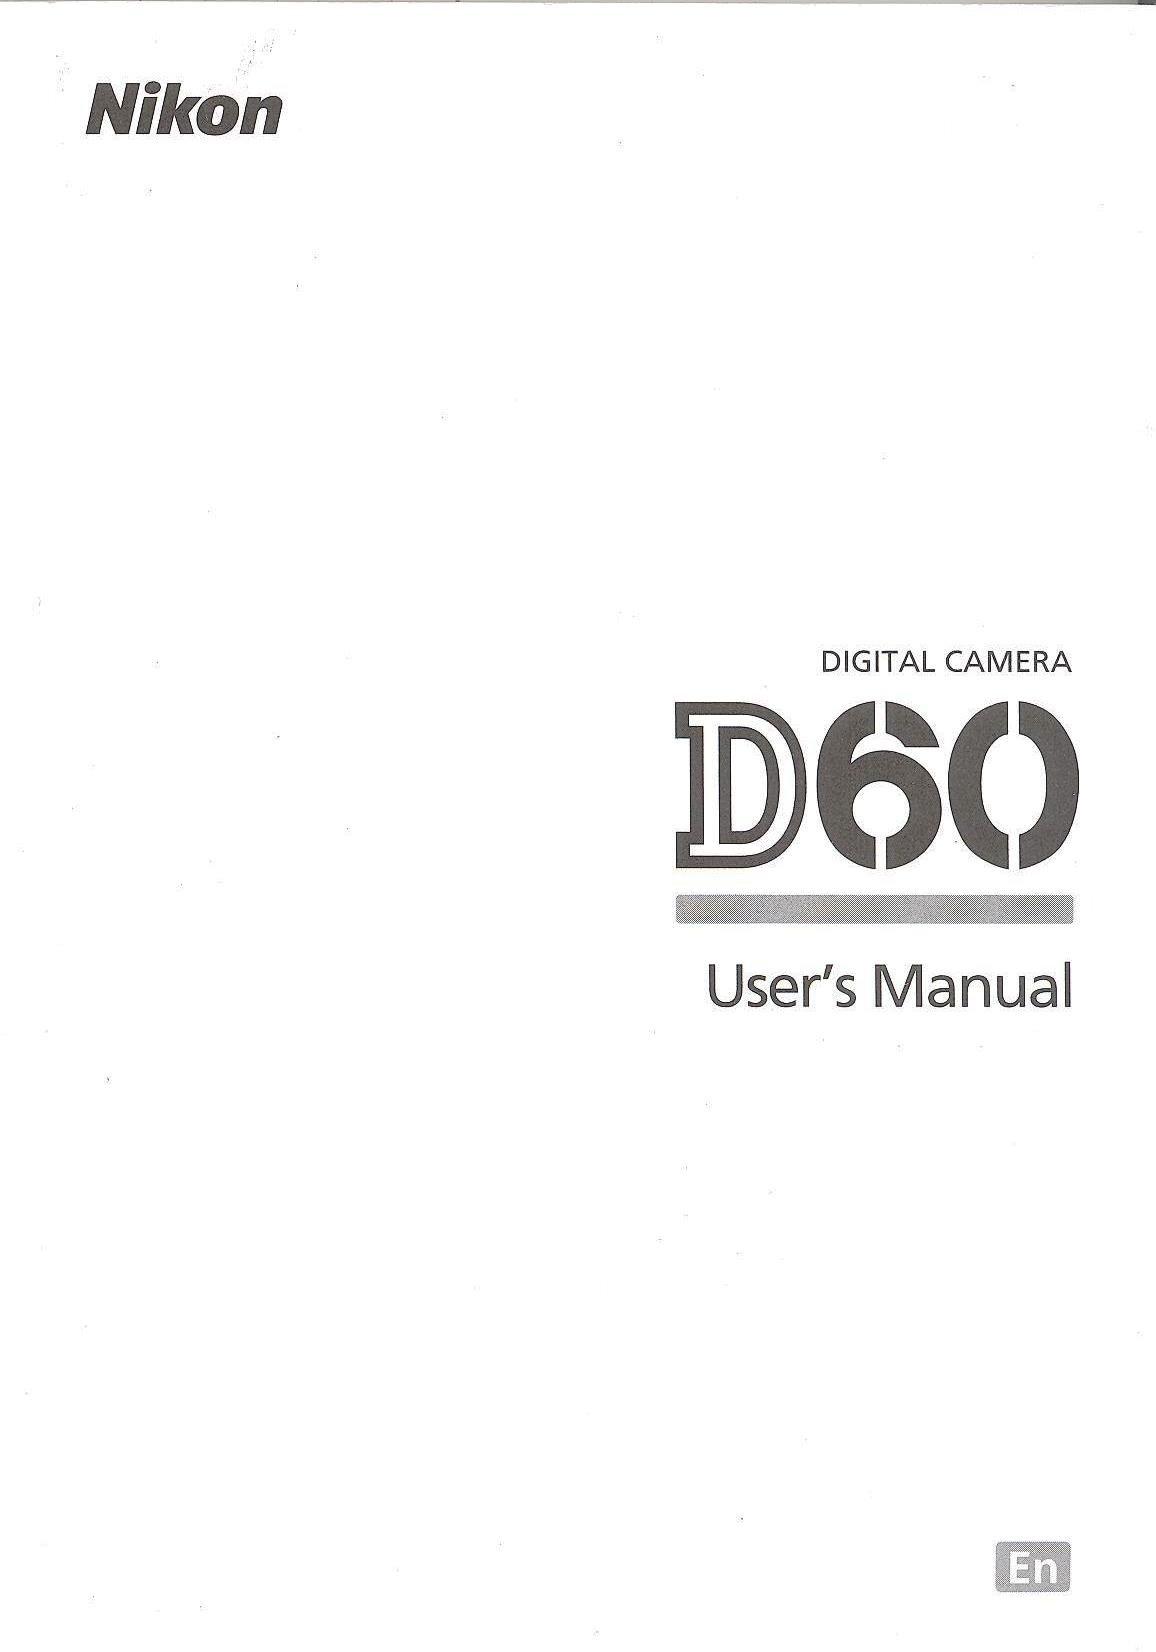 Nikon d60 guide.